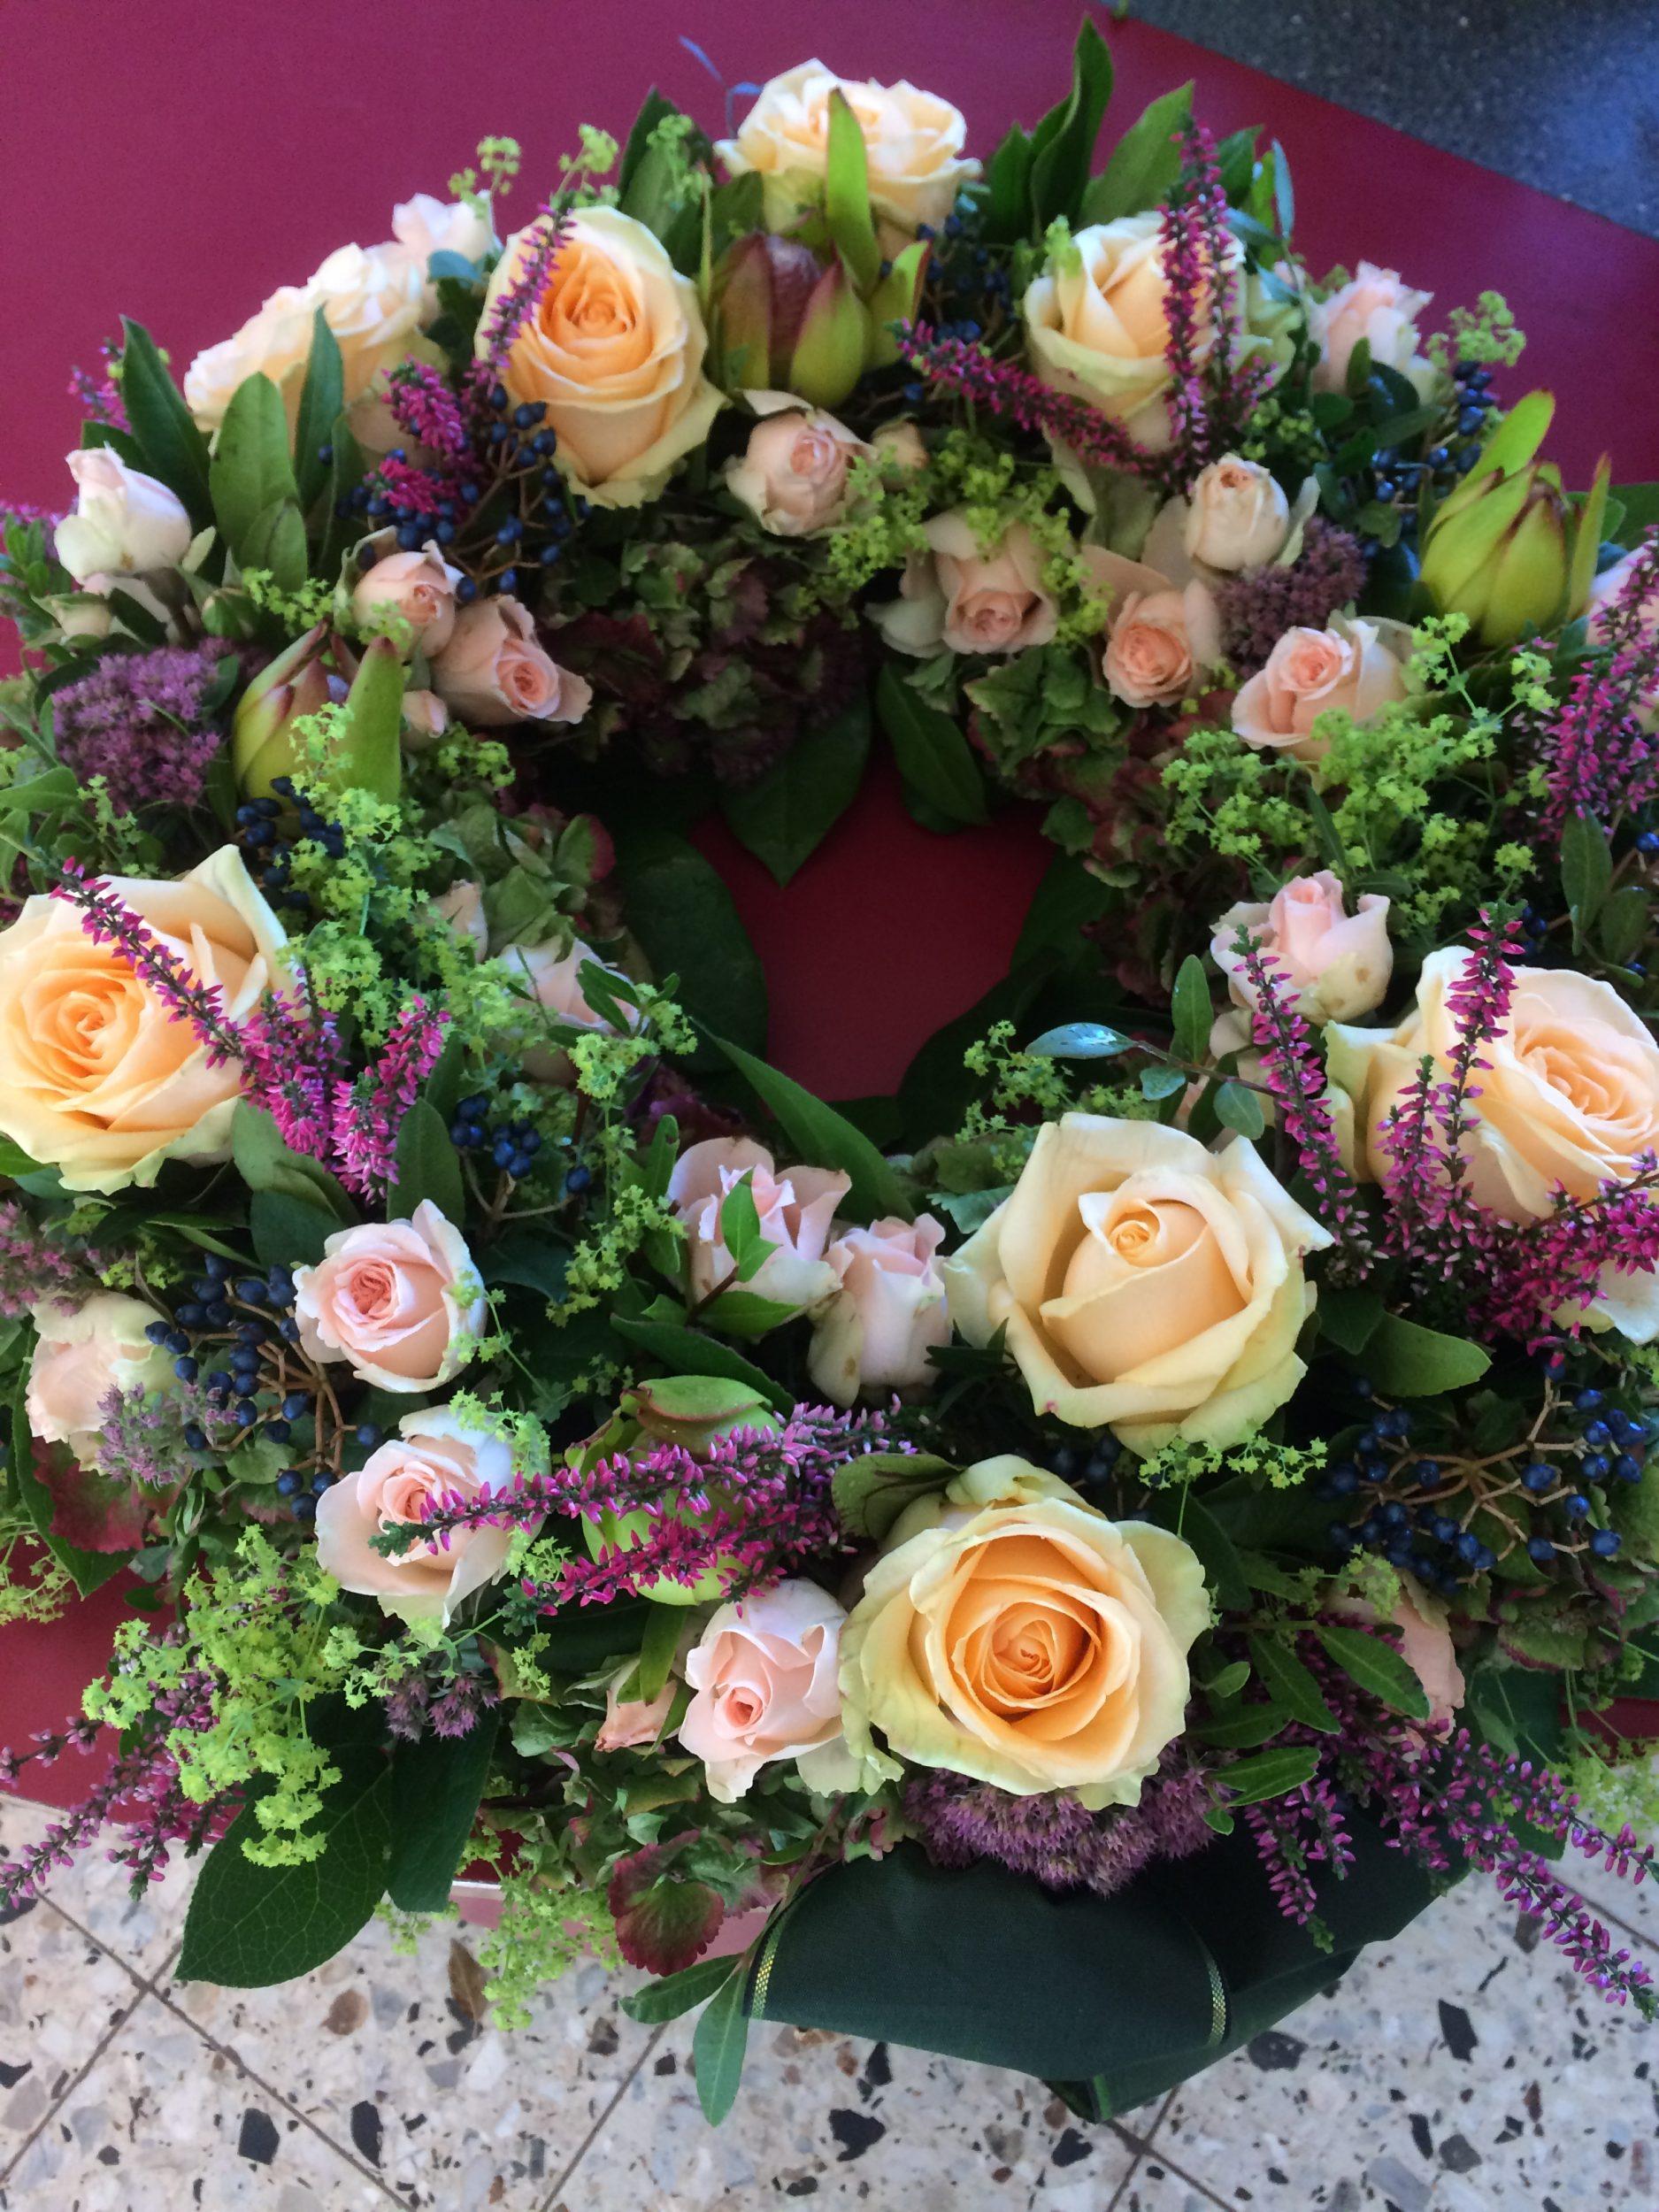 Trauerfloristik in Berlin: Trauergsteck mit weißen und lila Blumen, Trauerkranz